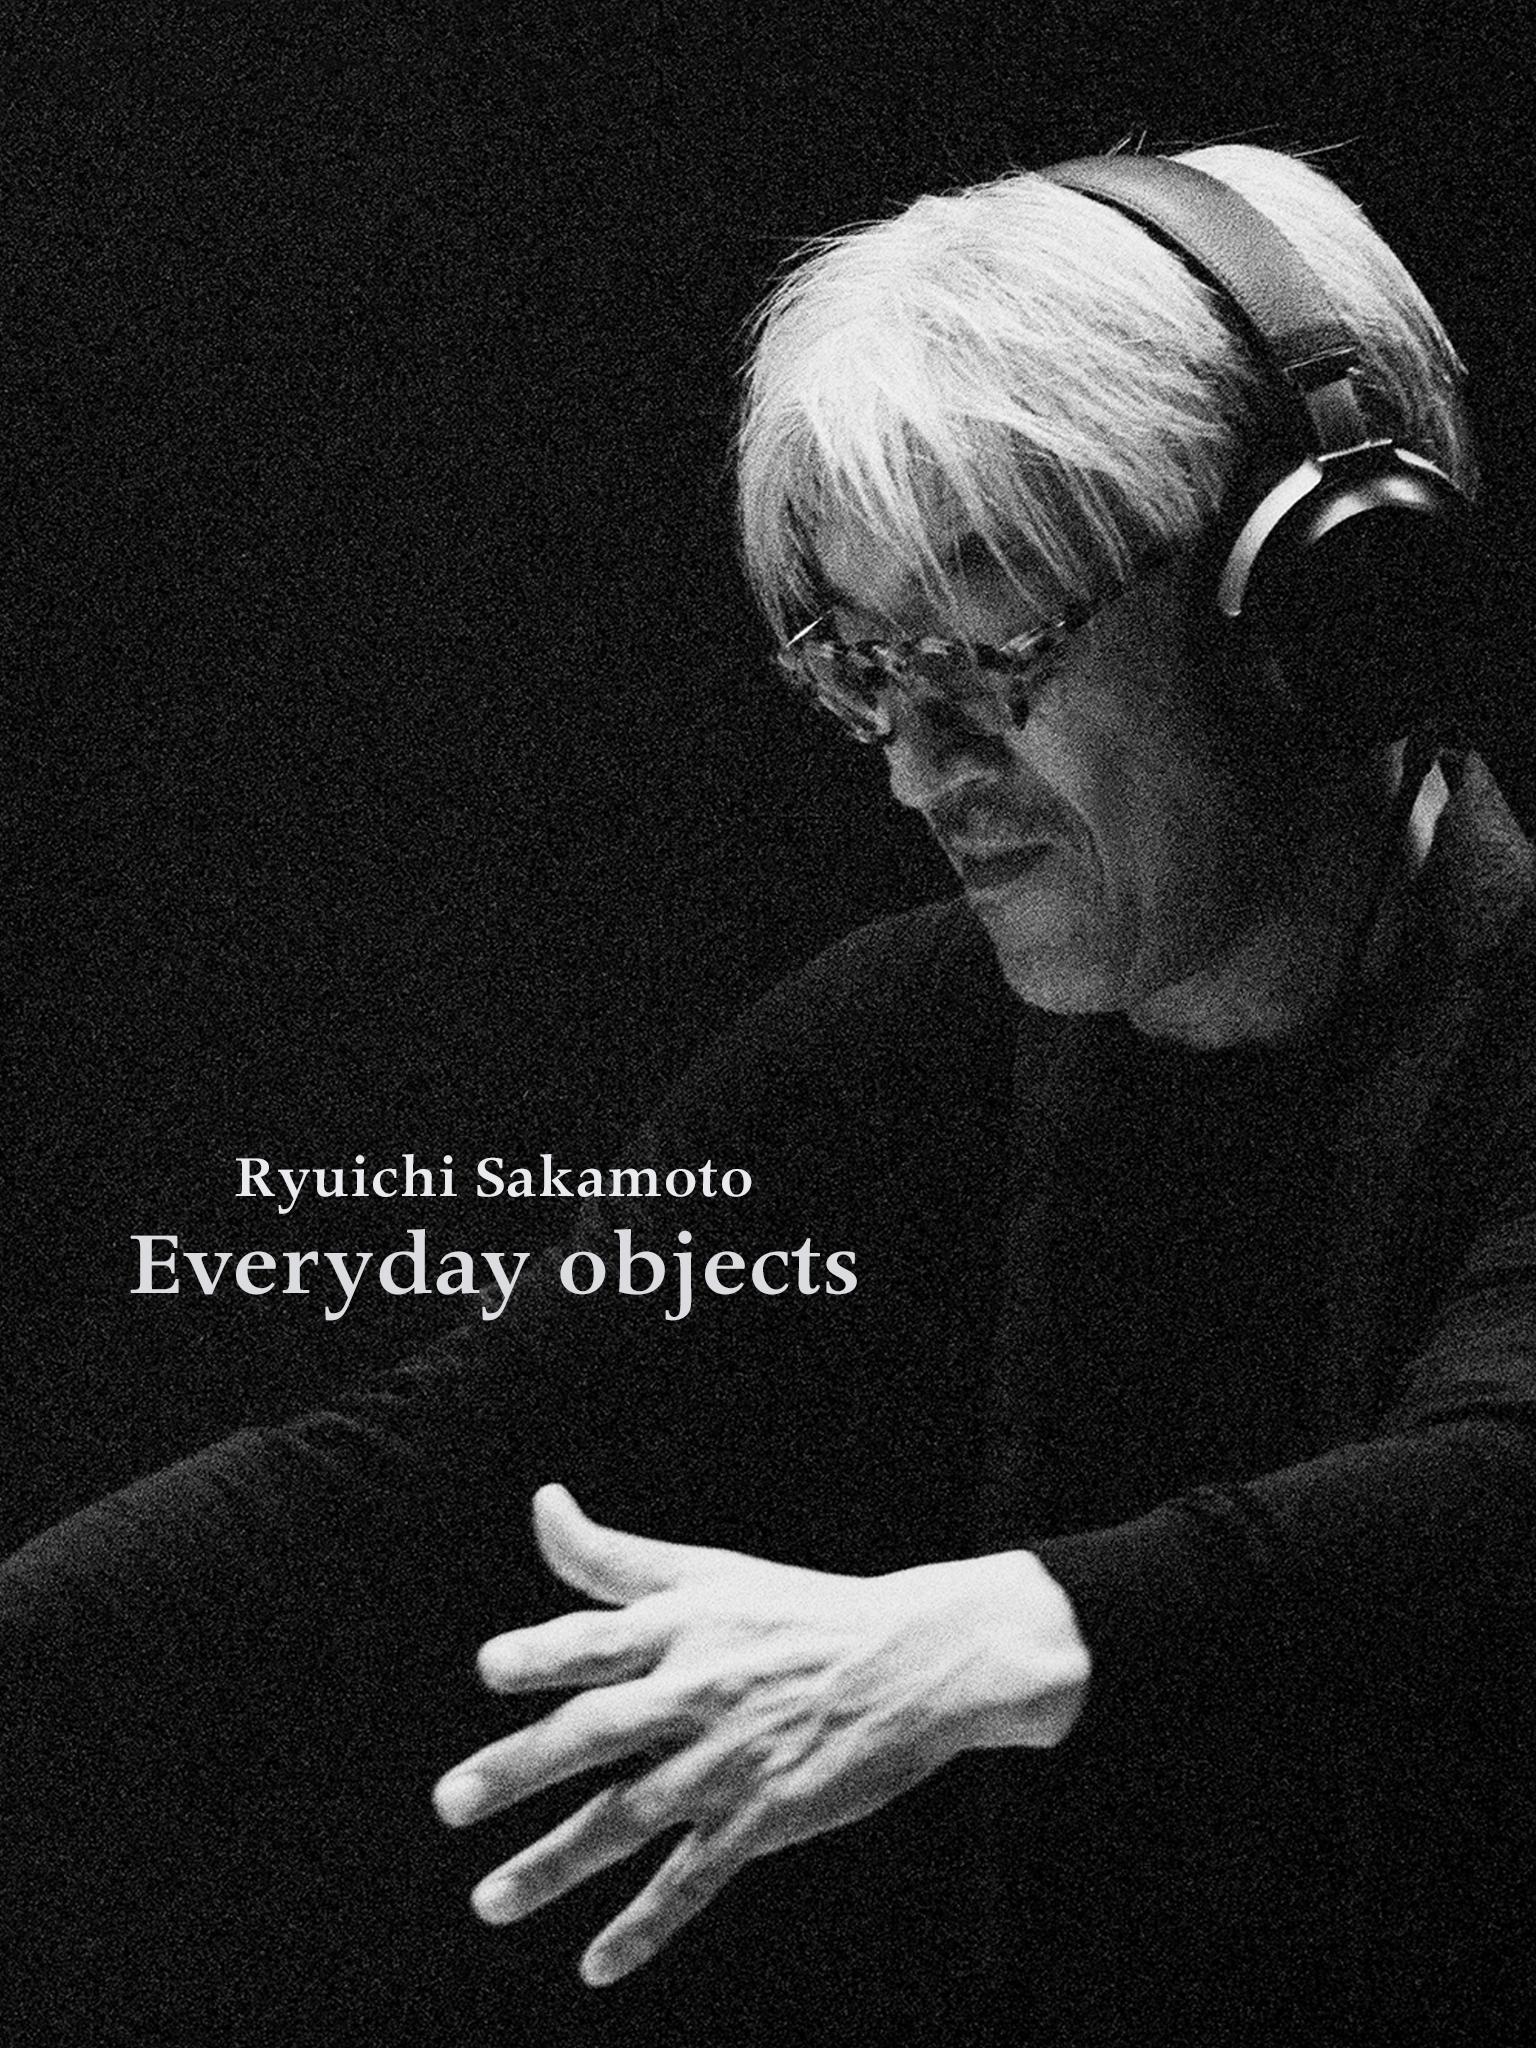 Ryuichi Sakamoto: Everyday objects